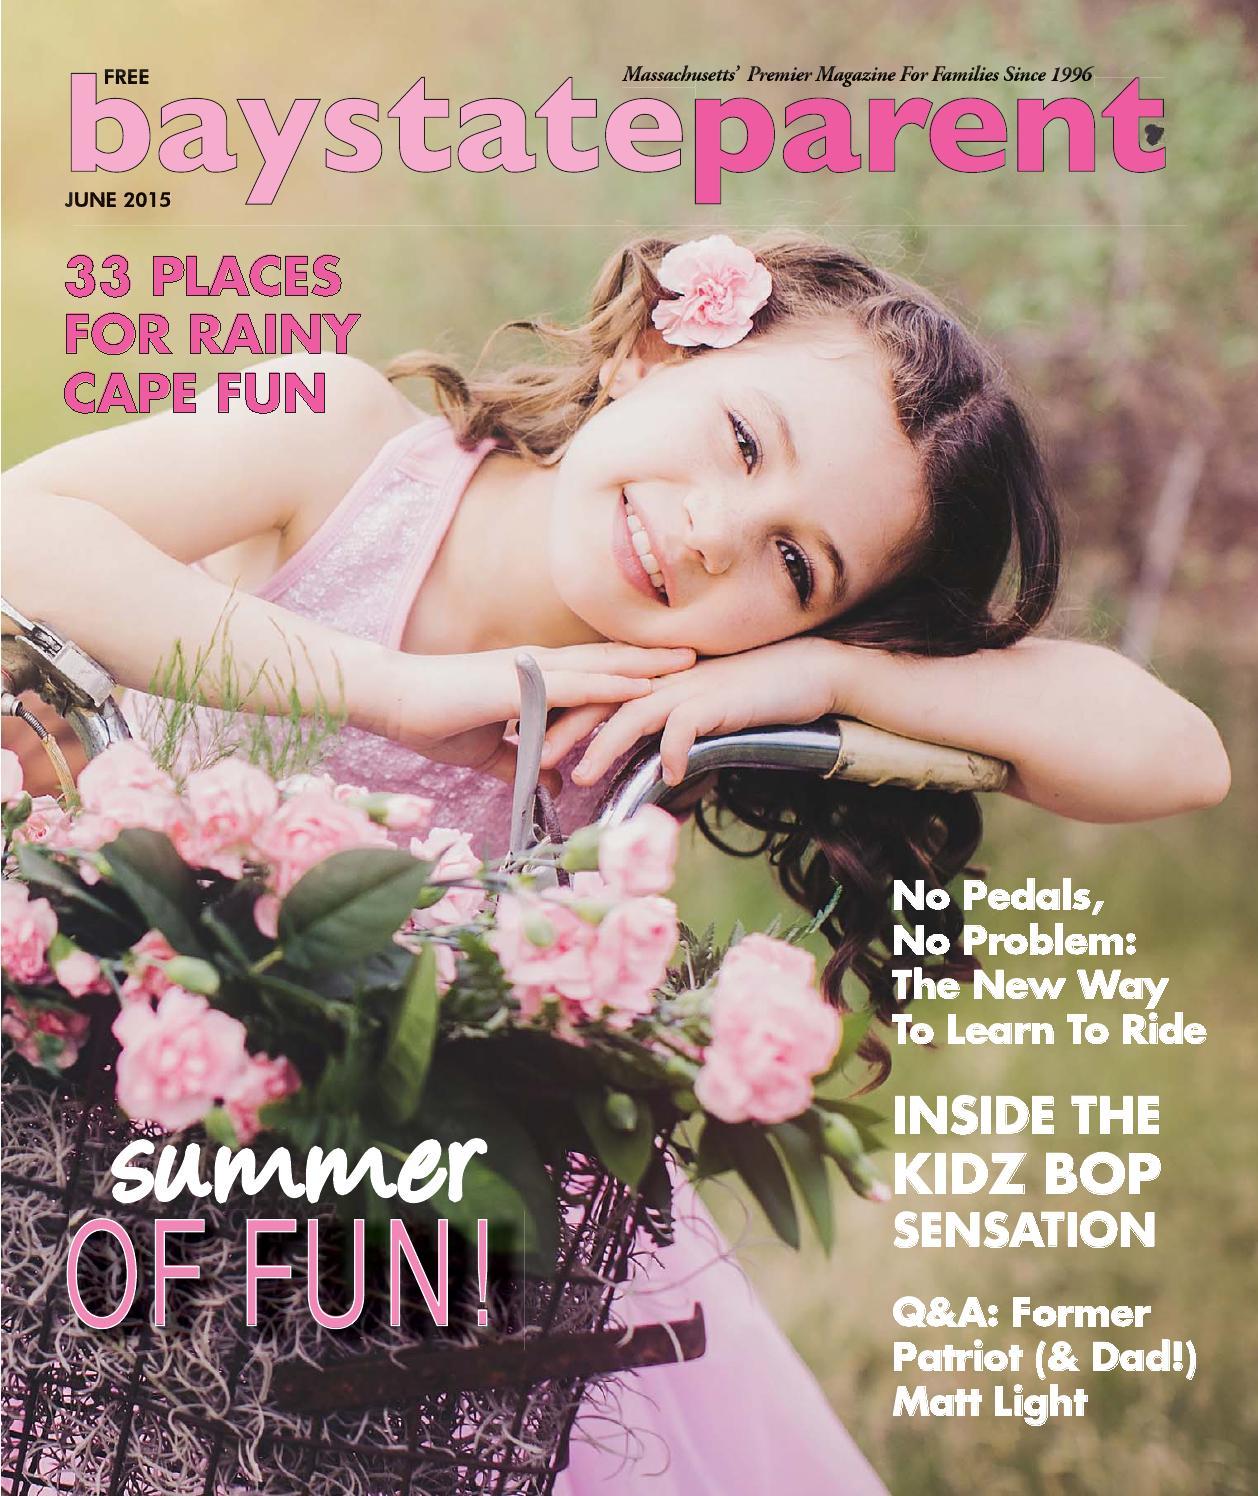 0615bsp by baystateparent Magazine - issuu